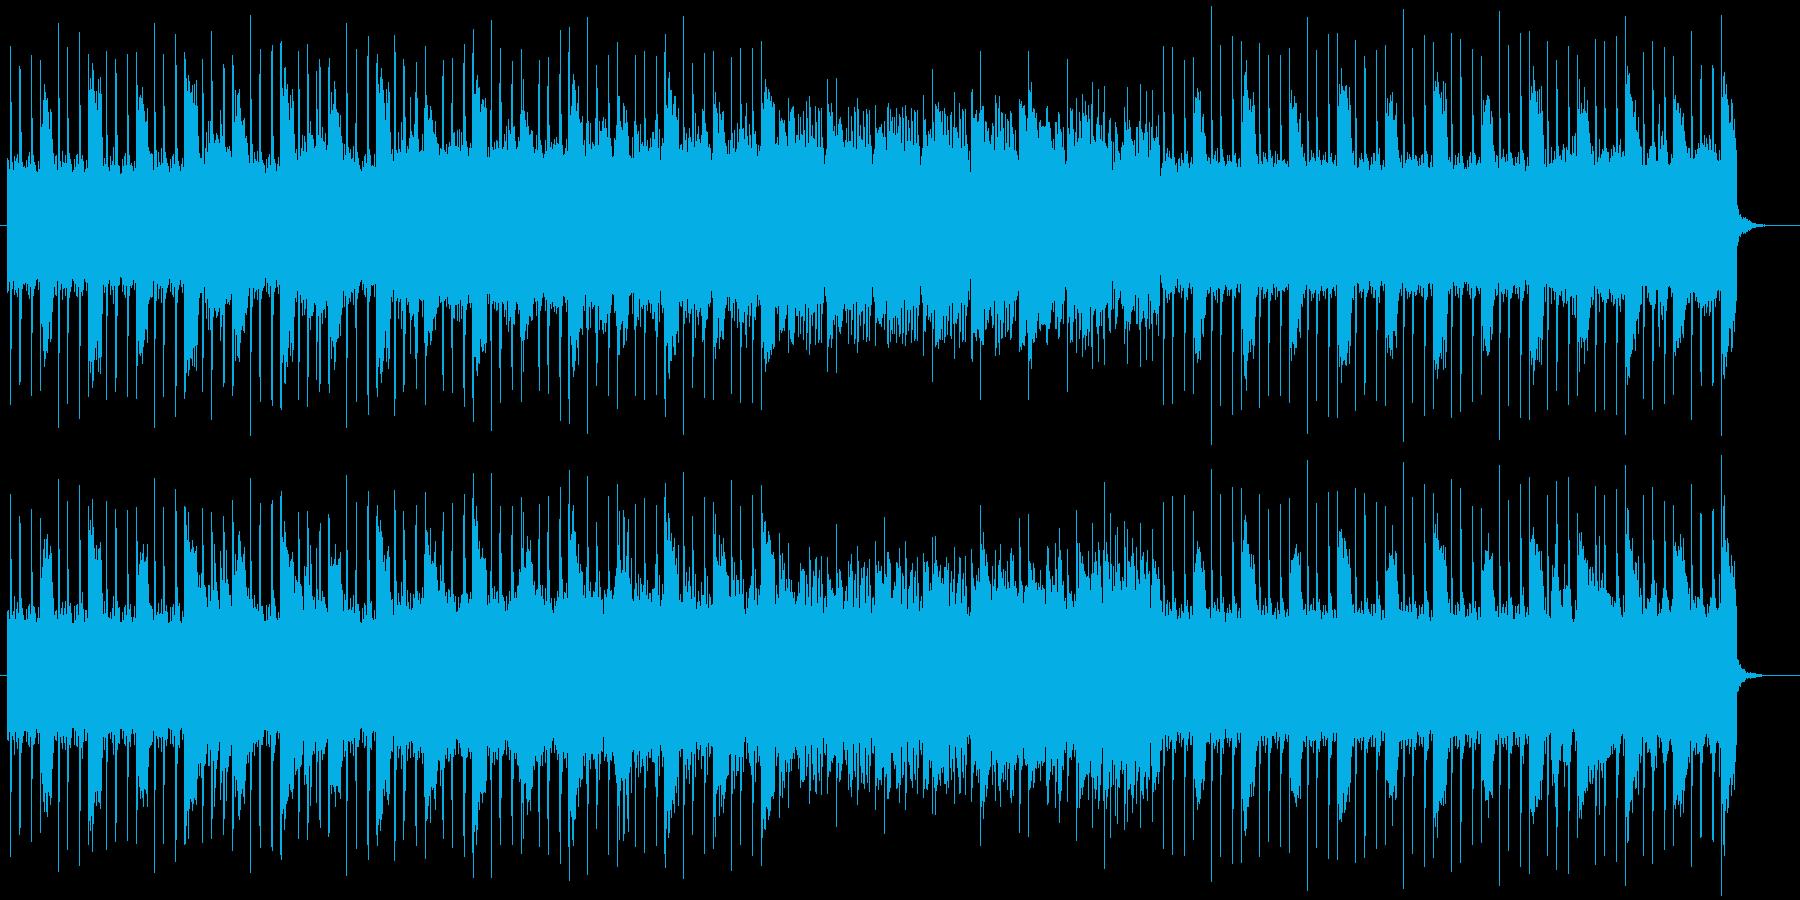 宇宙感のあるおしゃれなシンセサウンドの再生済みの波形